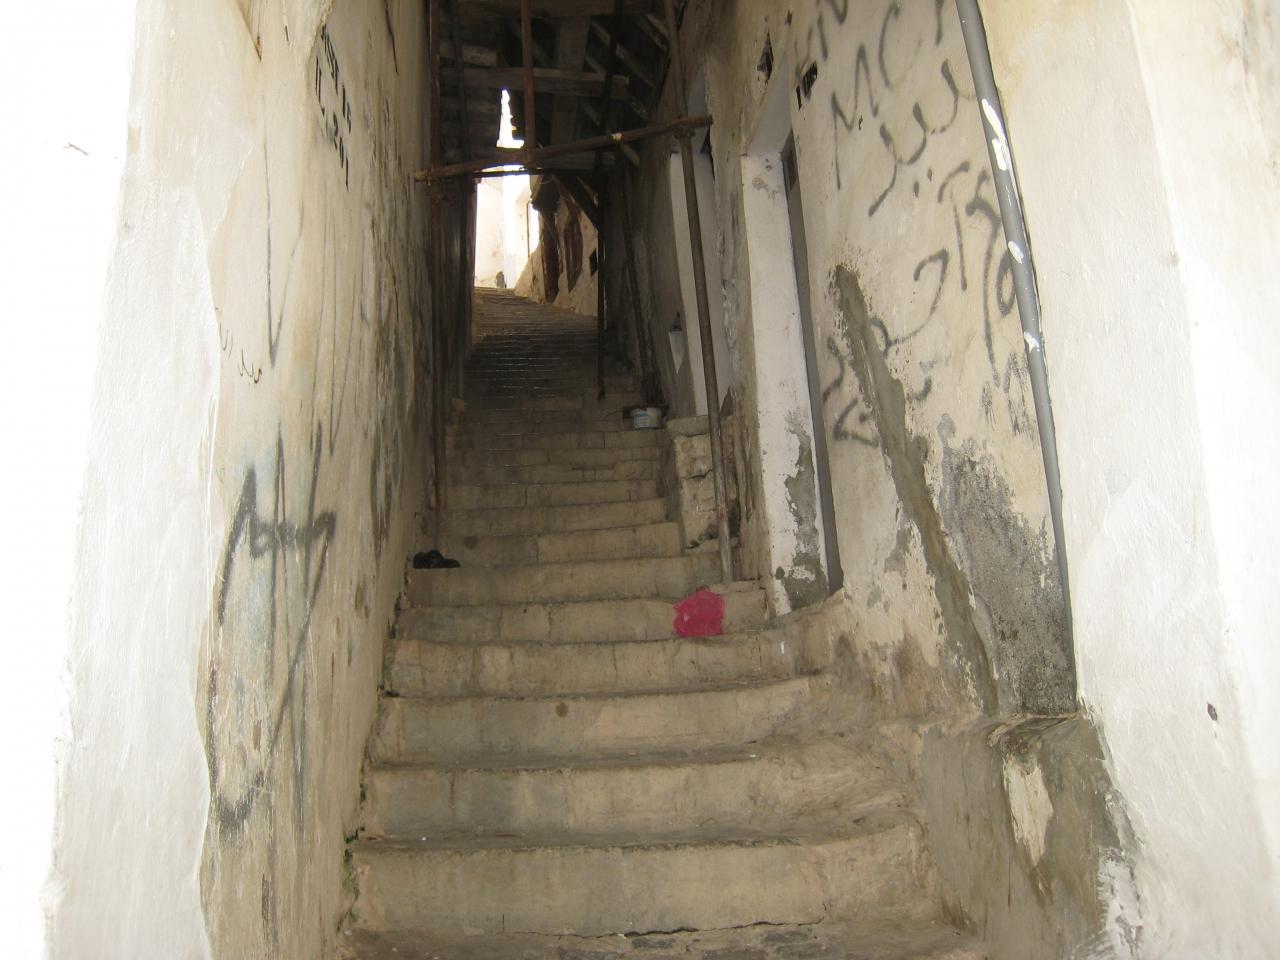 アルジェのカスバの画像 p1_25